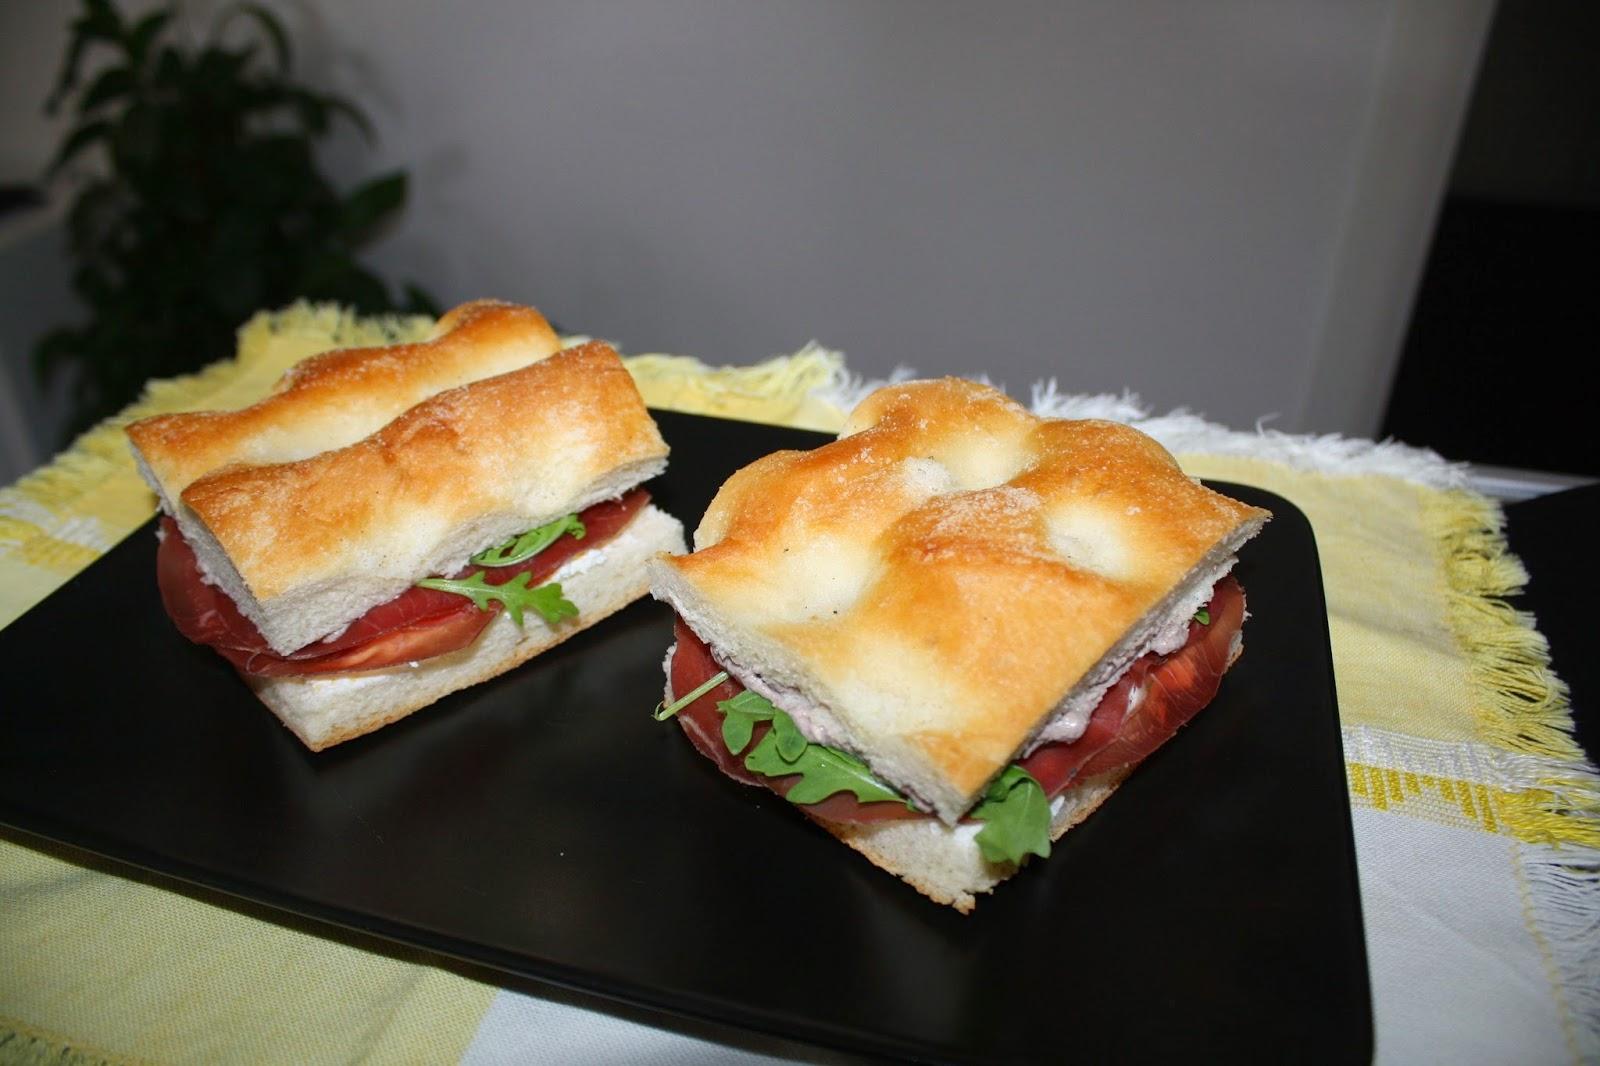 ricetta panino rucola bresaola caprino